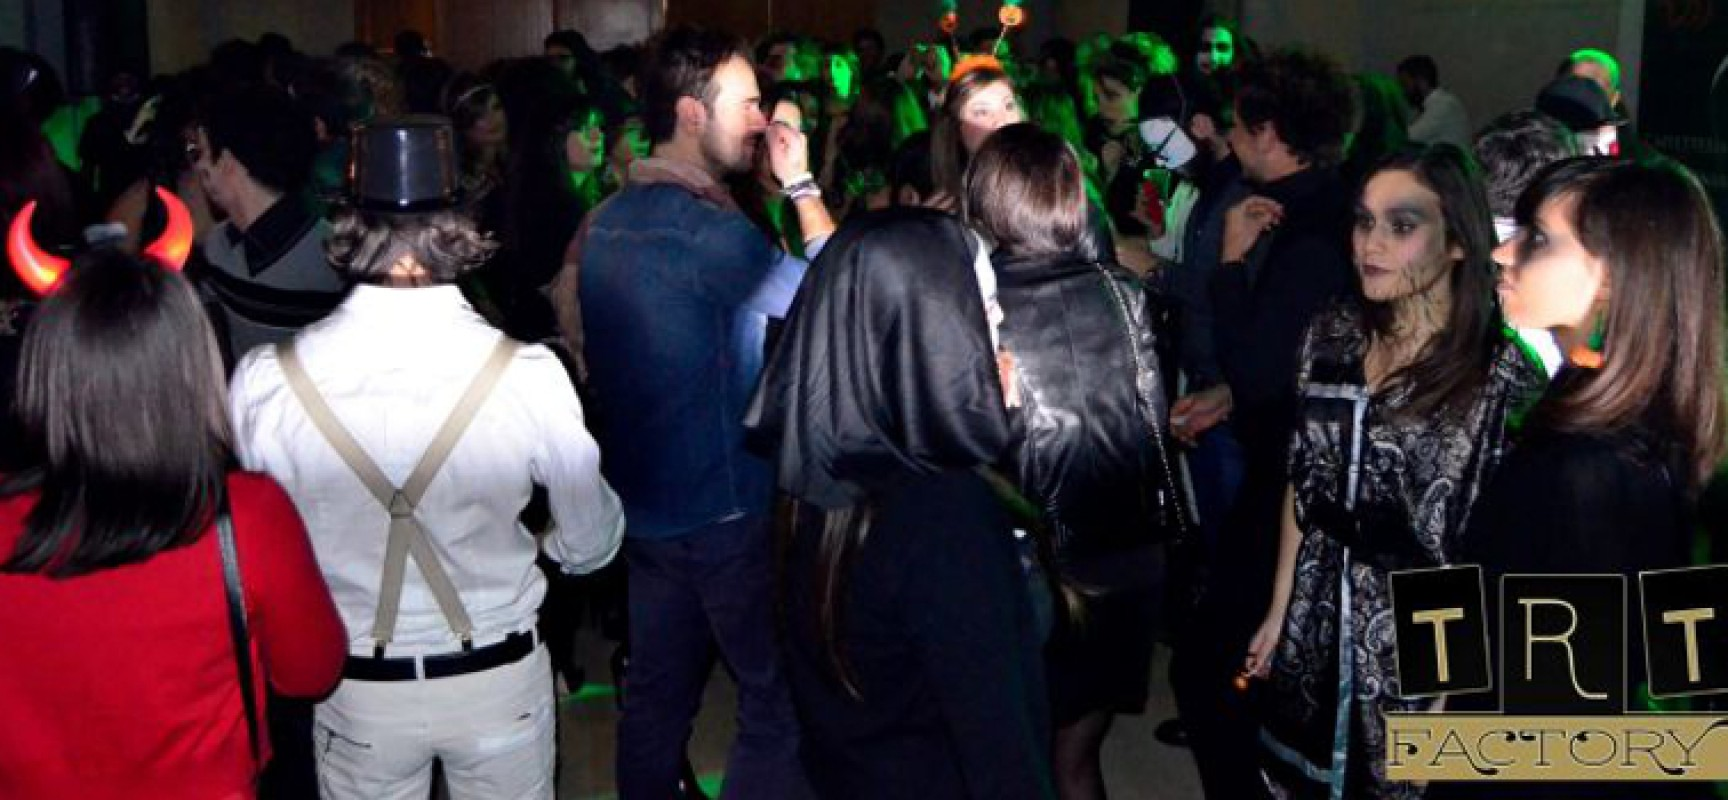 """Grande successo per il """"Trick or treat party"""" targato Rotaract Club / FOTO"""